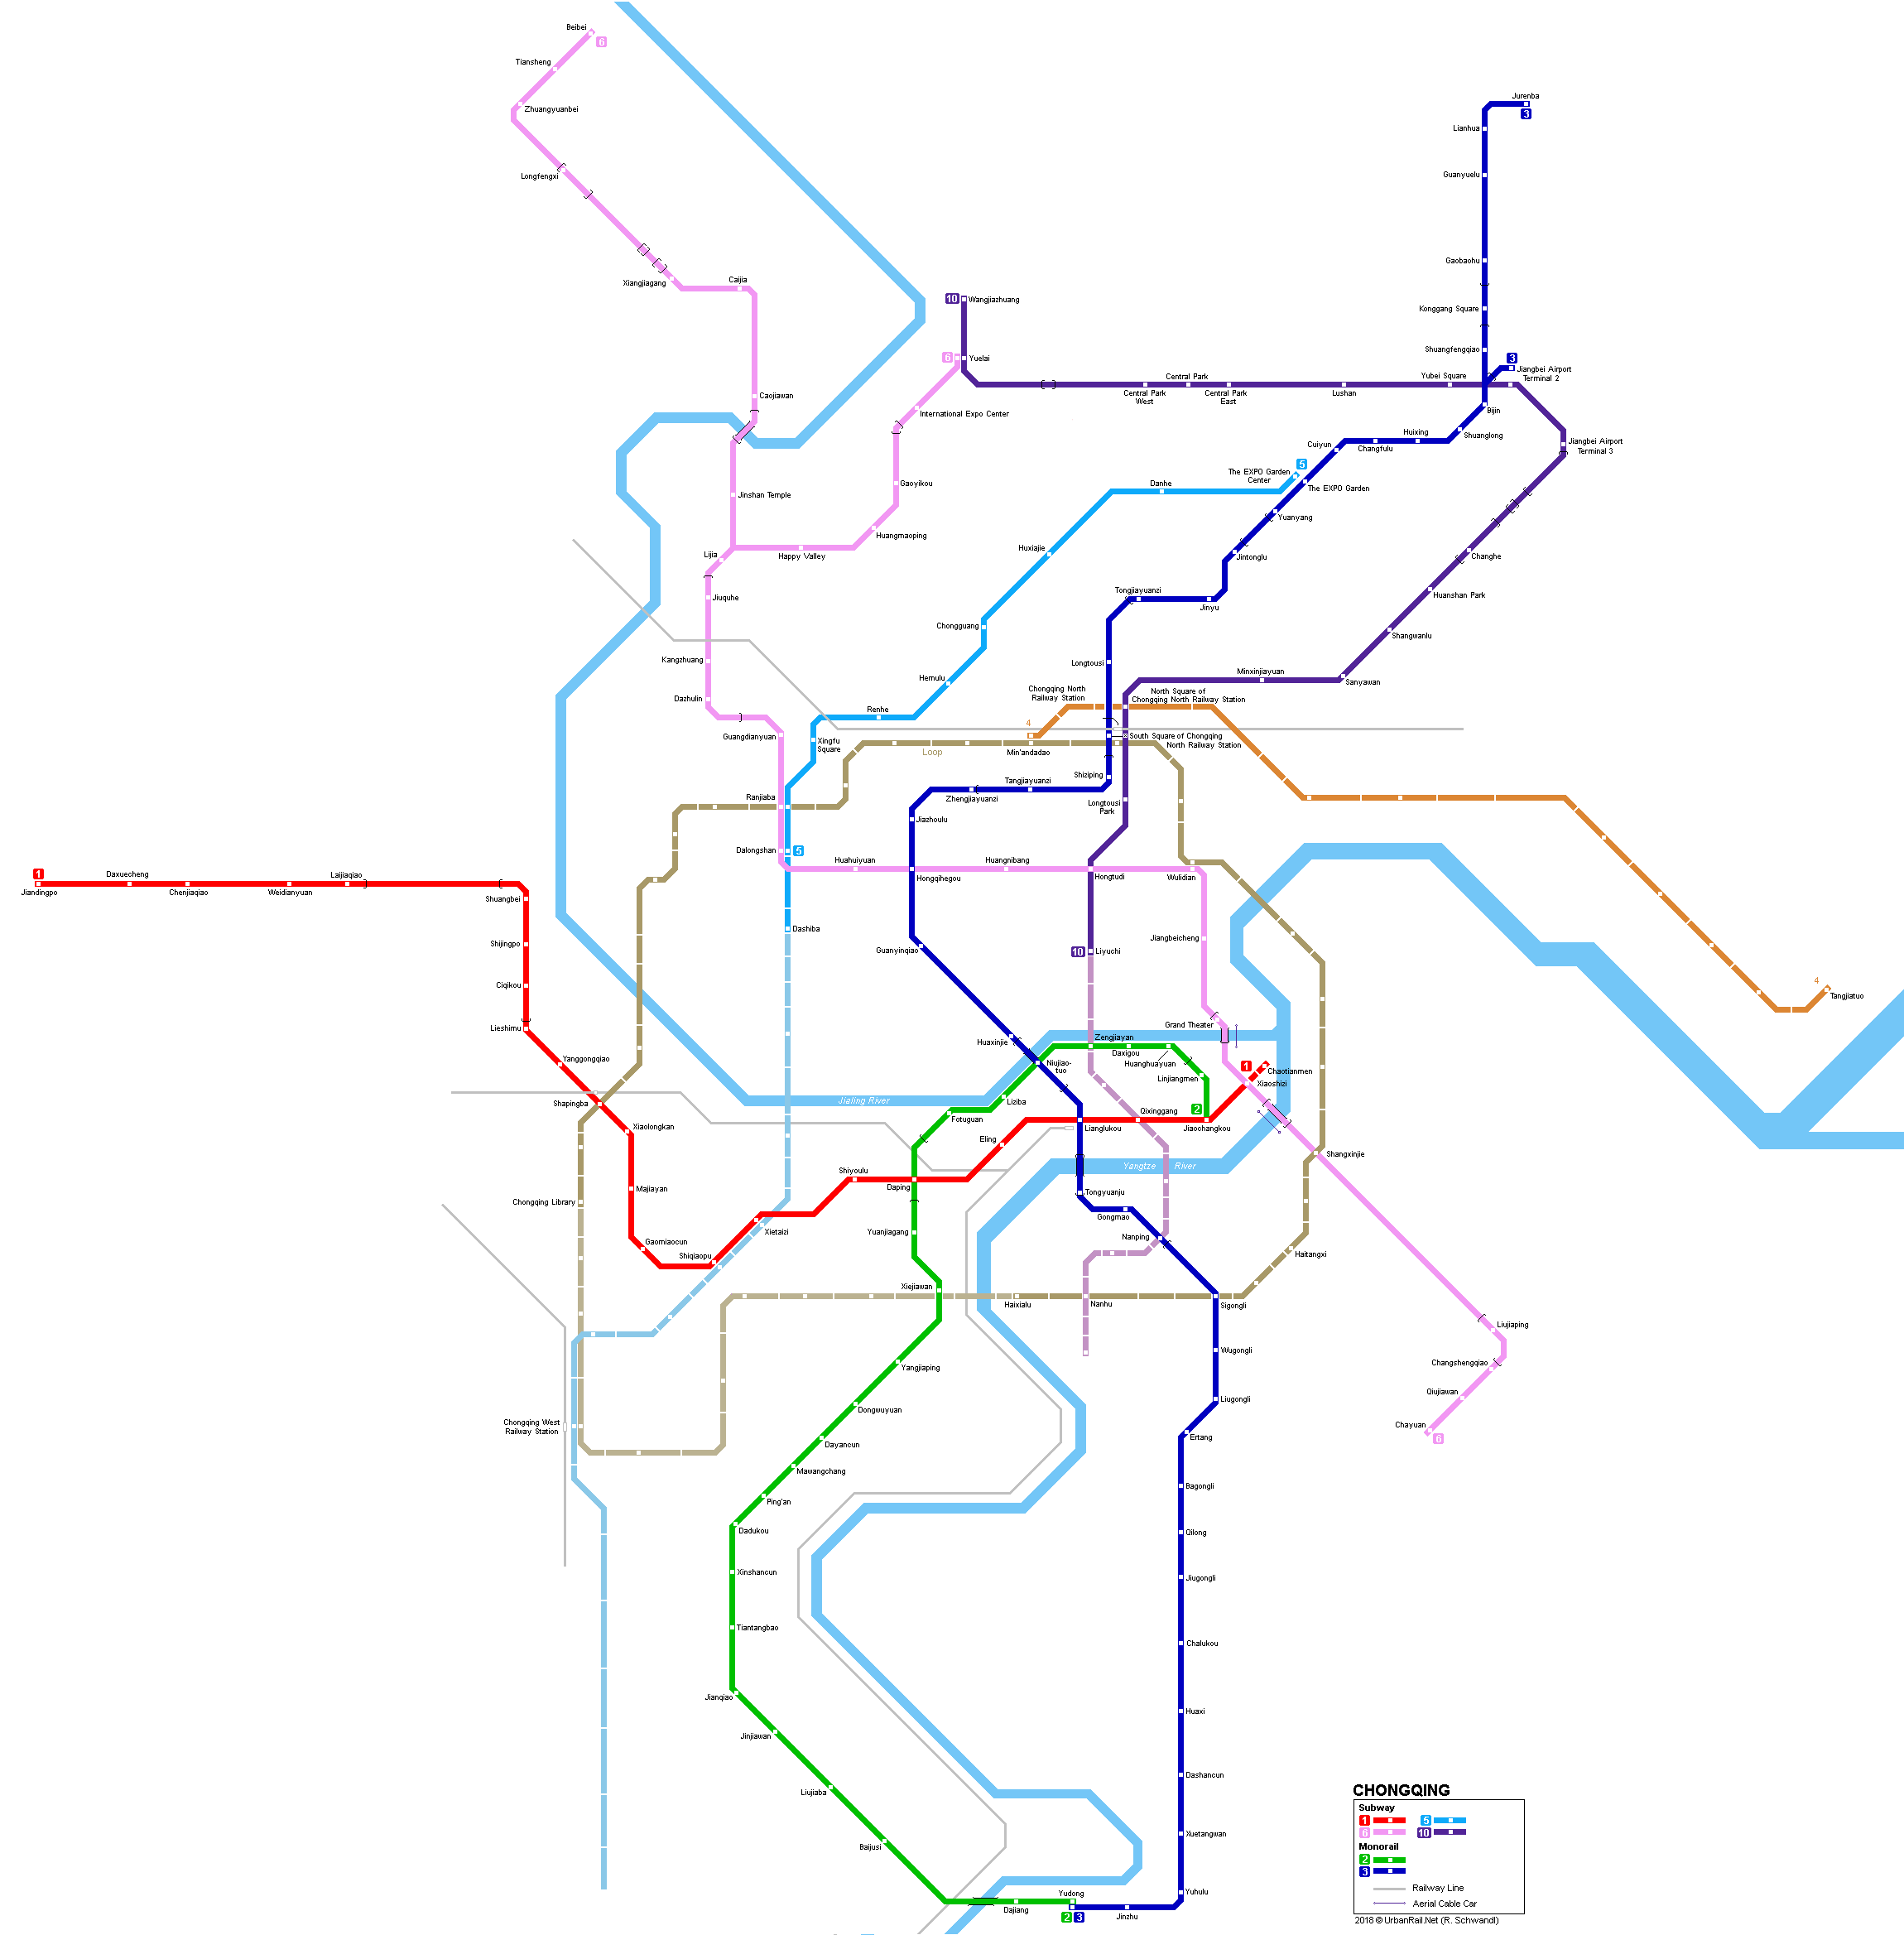 chongqing-map.png